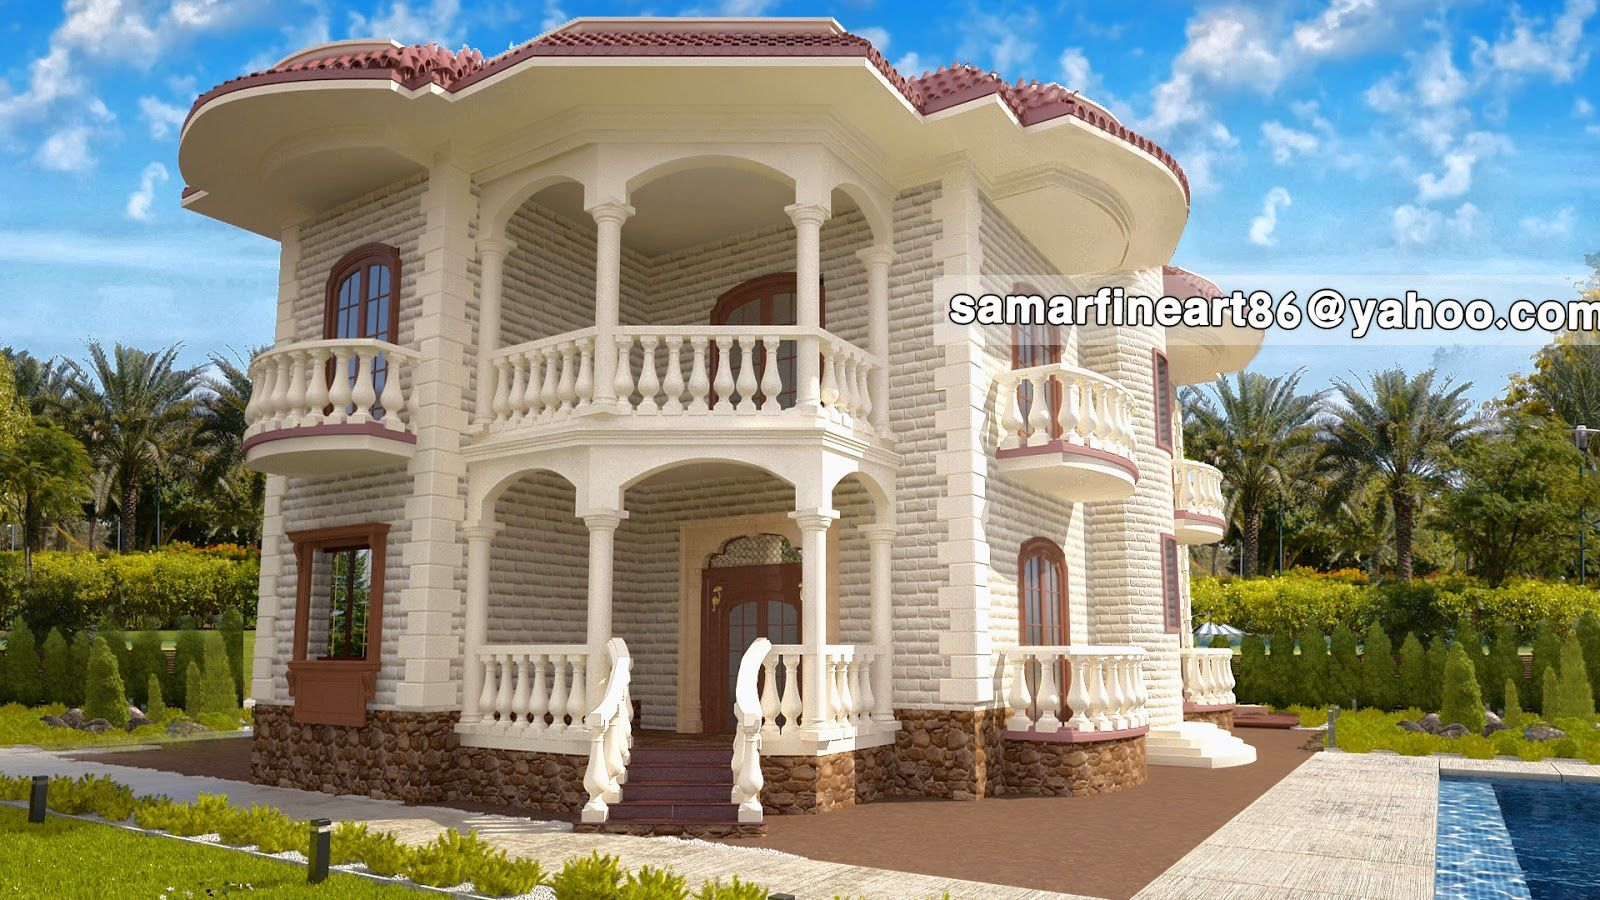 Villa Design luxury antonovich design house - recherche google   villas